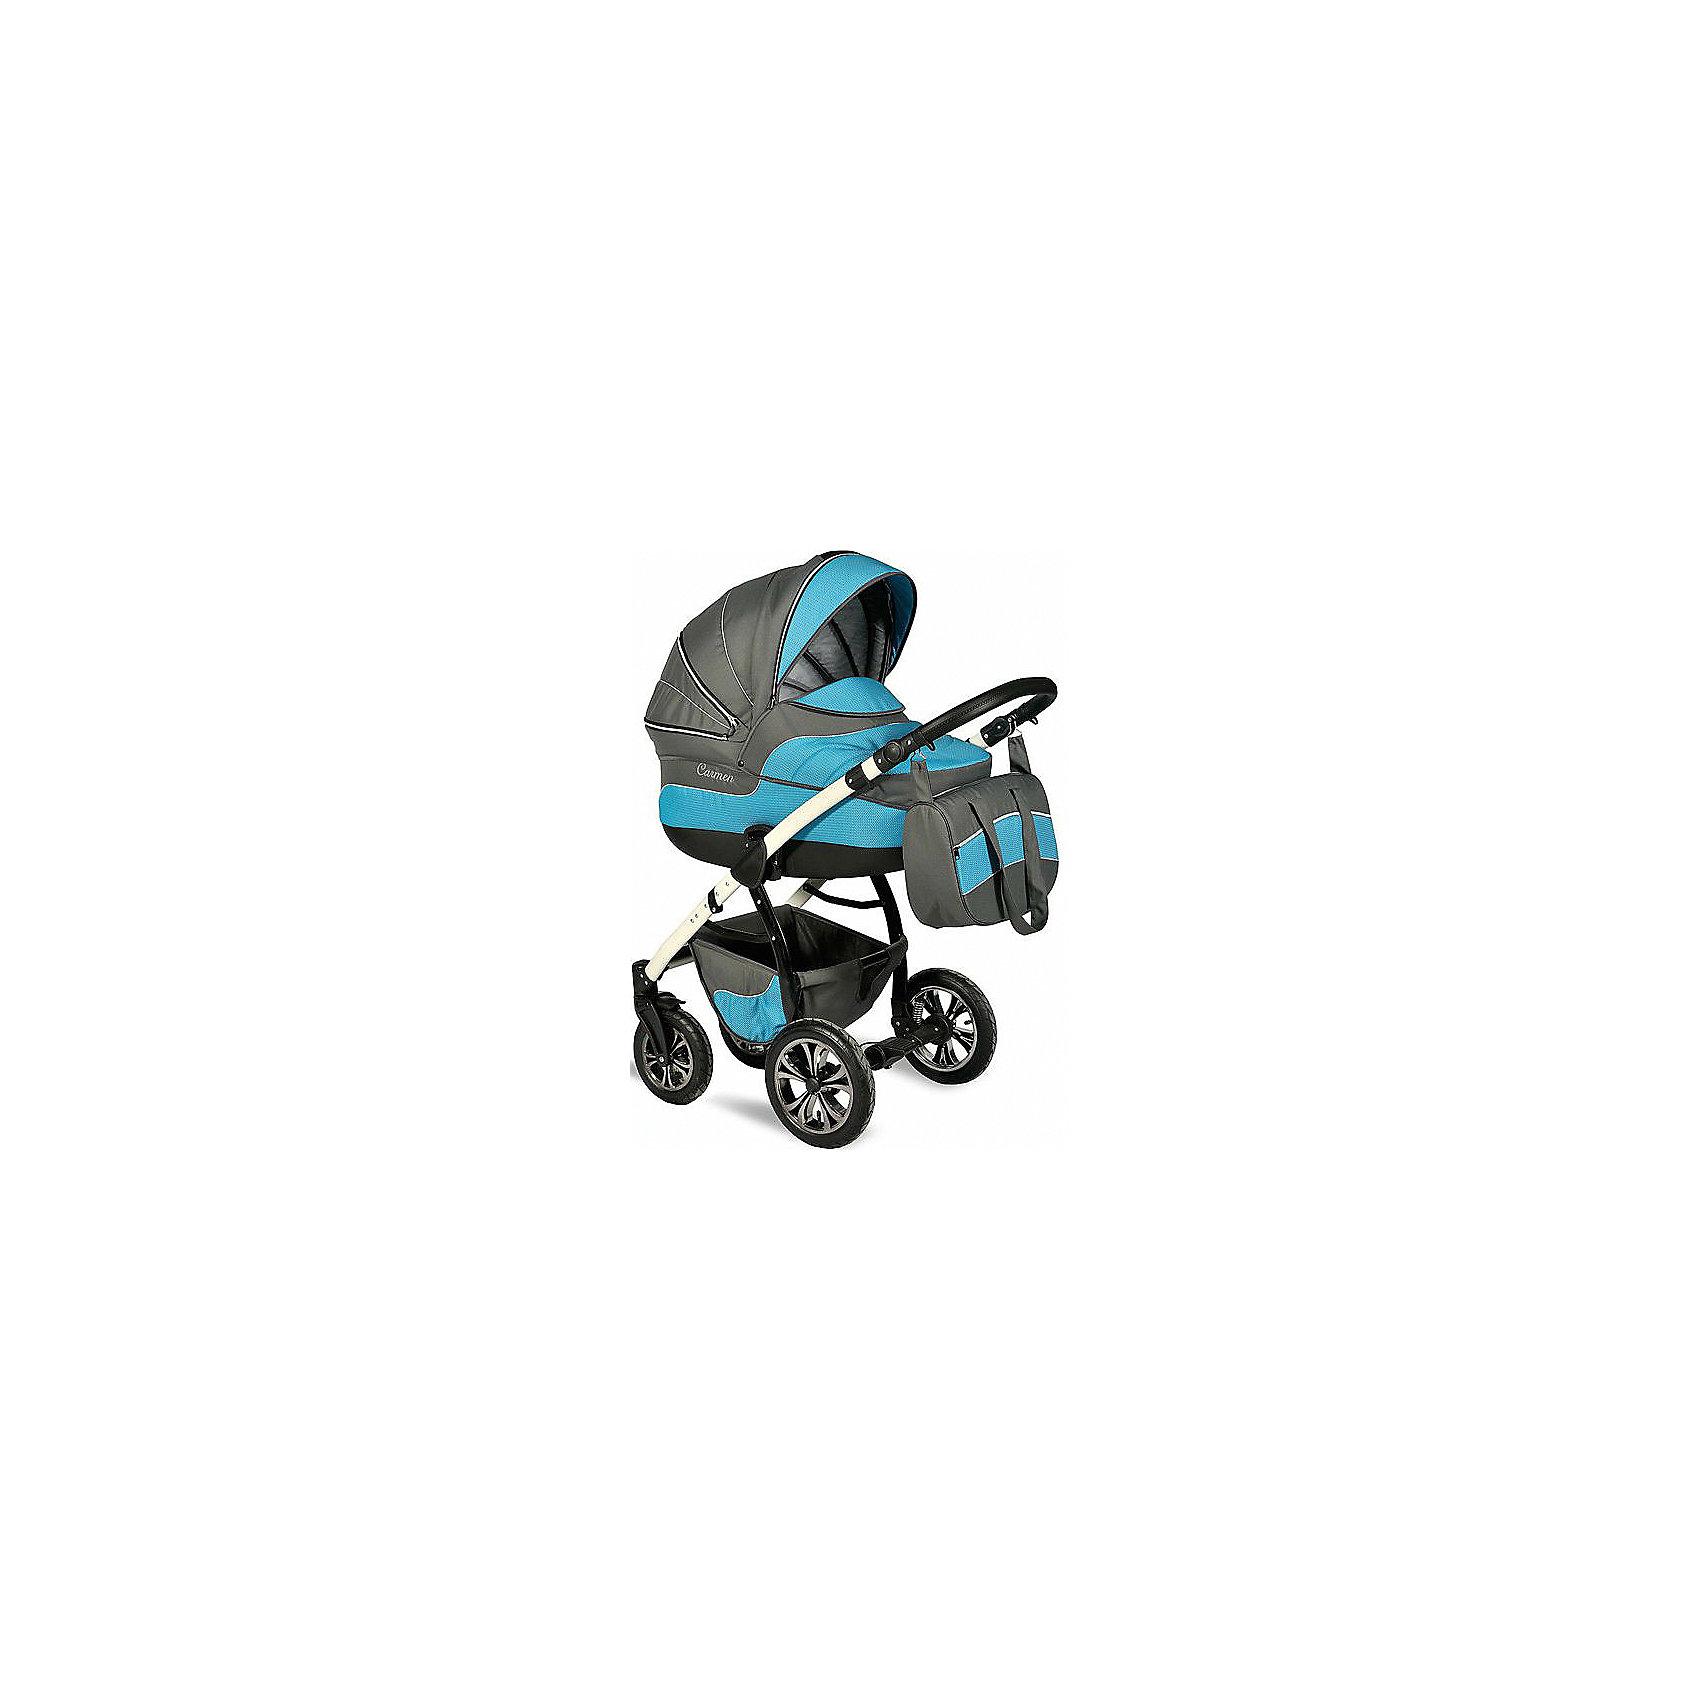 INDIGO Коляска 2 в 1 Carmen, Indigo, серый/голубой универсальная коляска indigo s 2 в 1 кожа 17 white grey